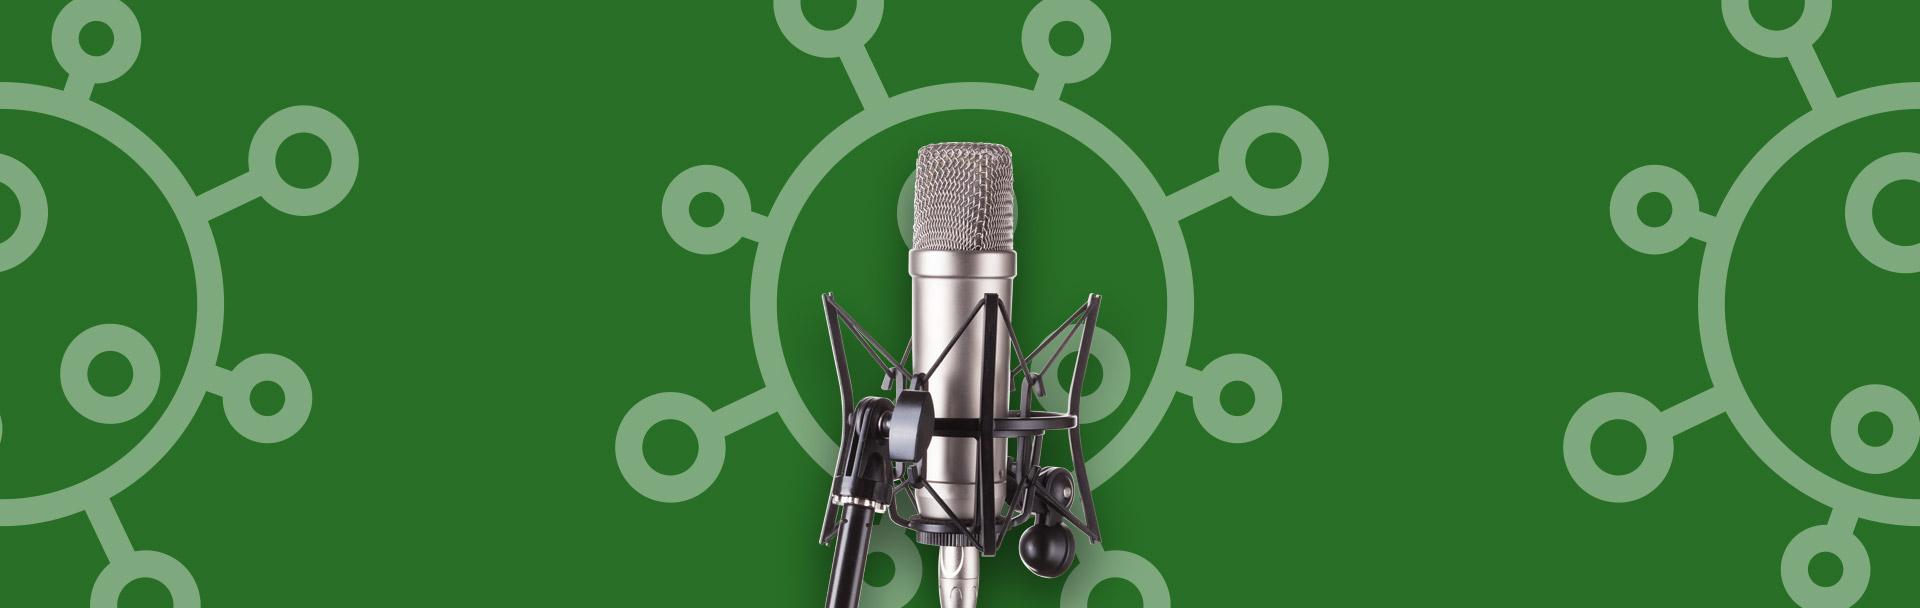 Podcast: sturen met data in tijden van Covid-19 - Future Facts